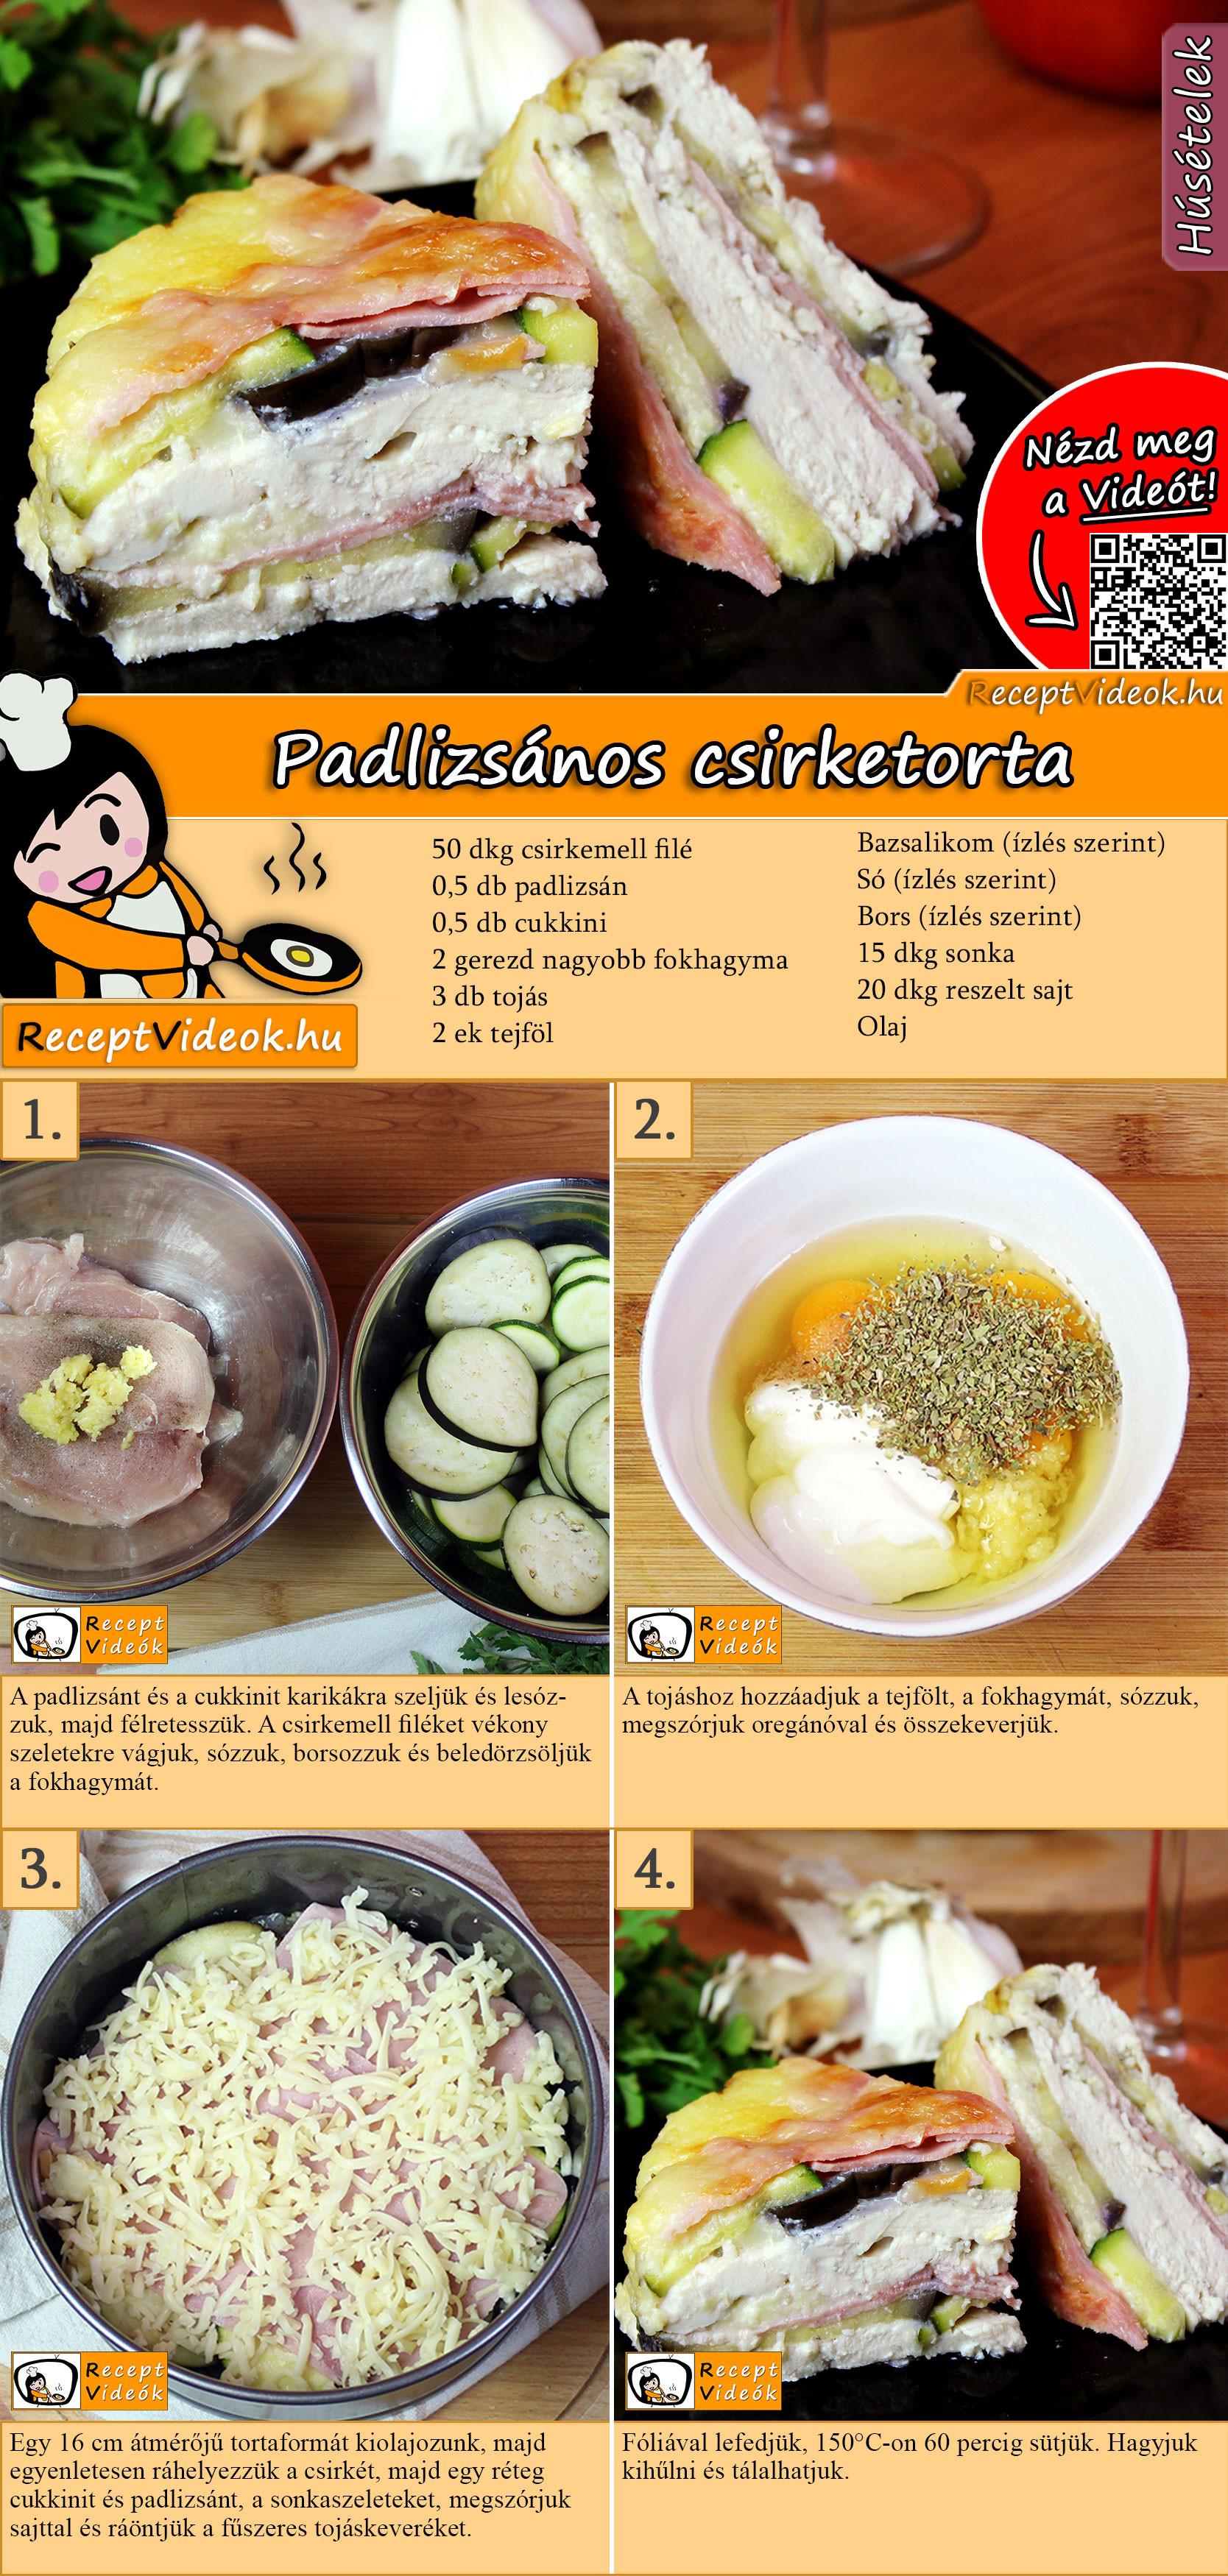 Padlizsános csirketorta recept elkészítése videóval